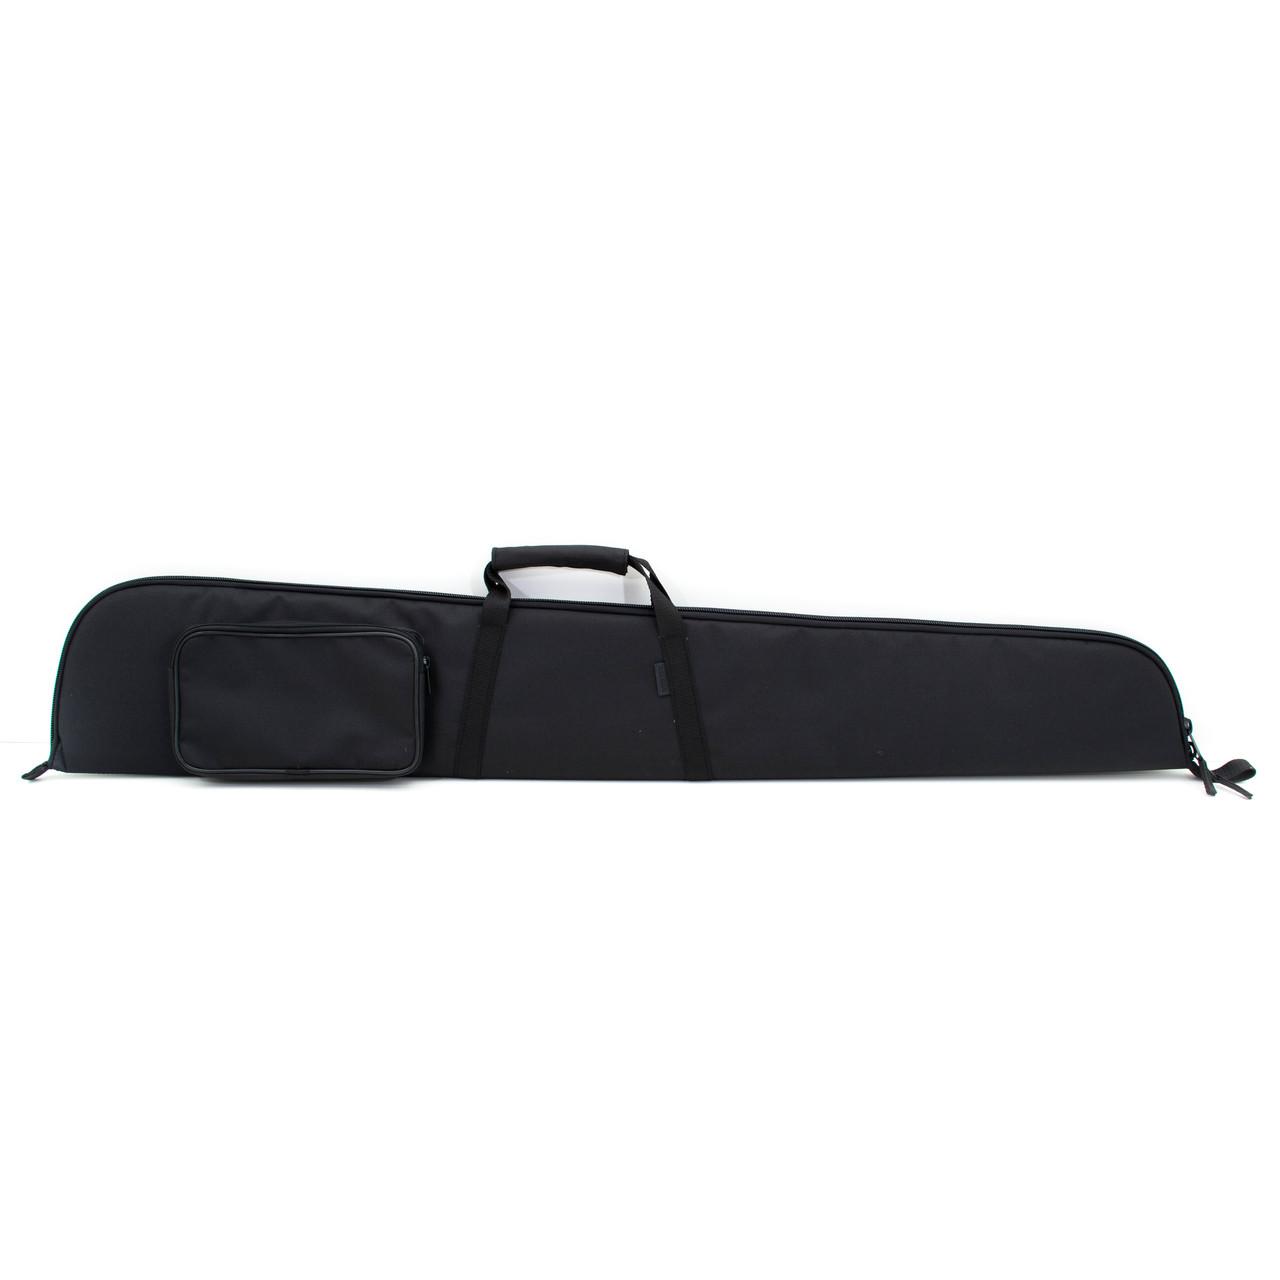 Чехол для ружья ИЖ/ТОЗ на поролоне 1,25 м. синтетический черный 5233